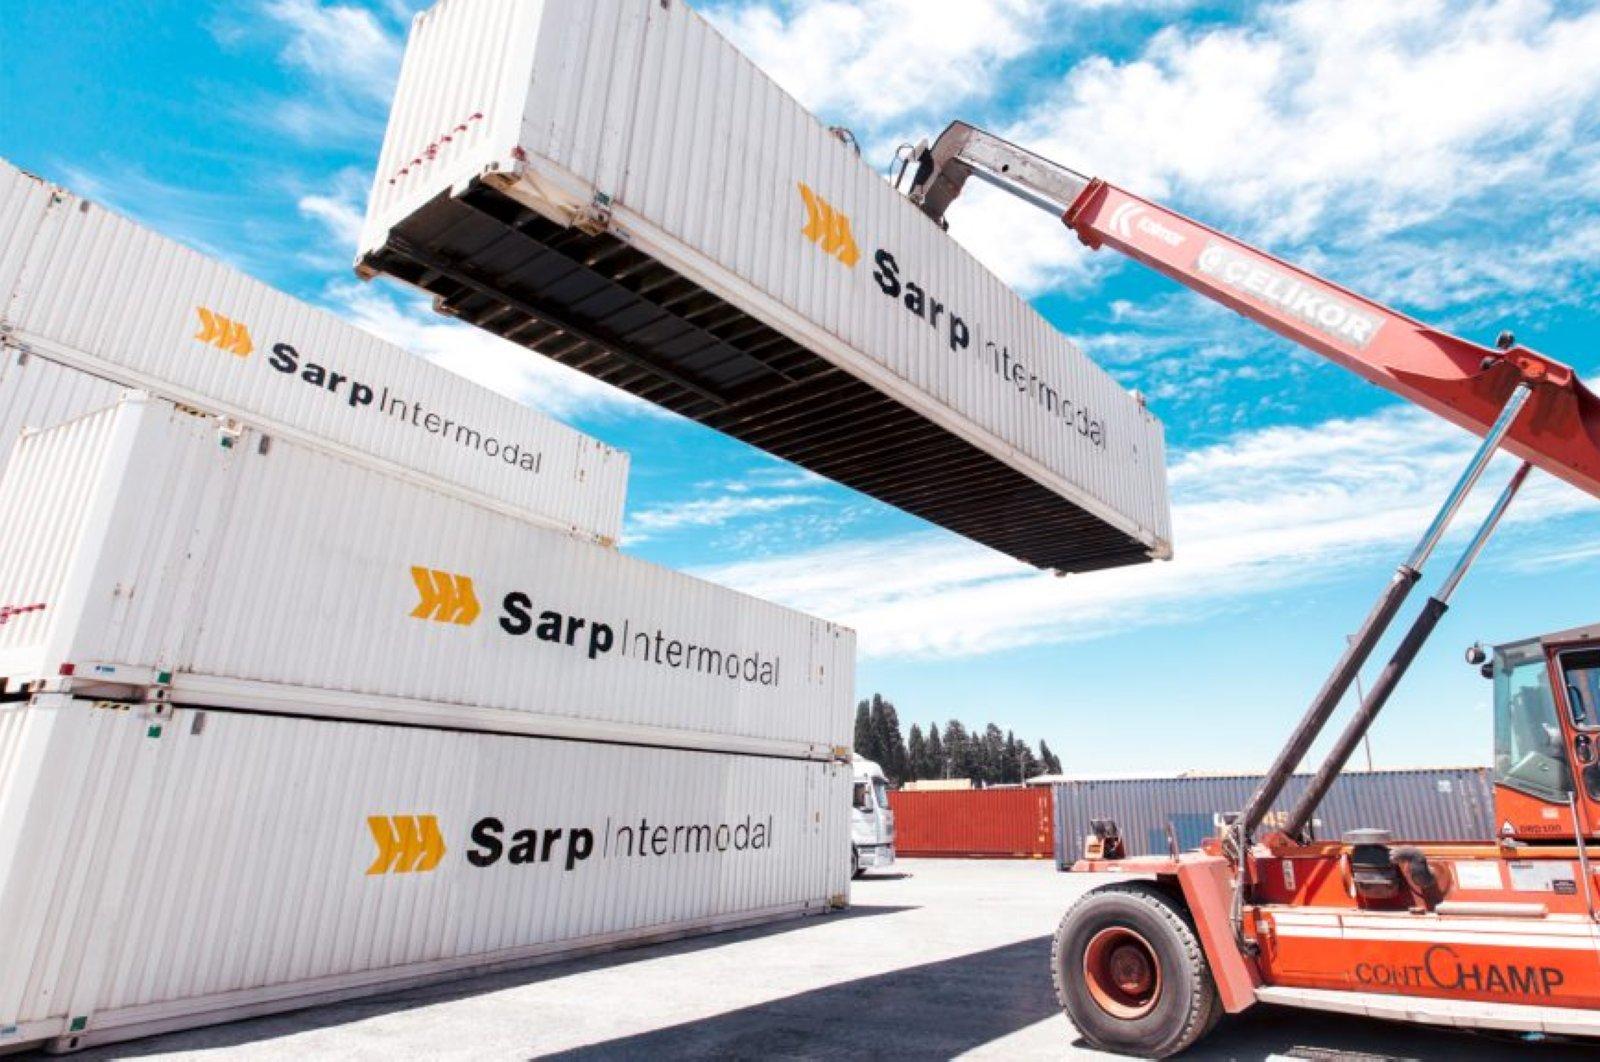 (Photo courtesy of Sarp Intermodal)